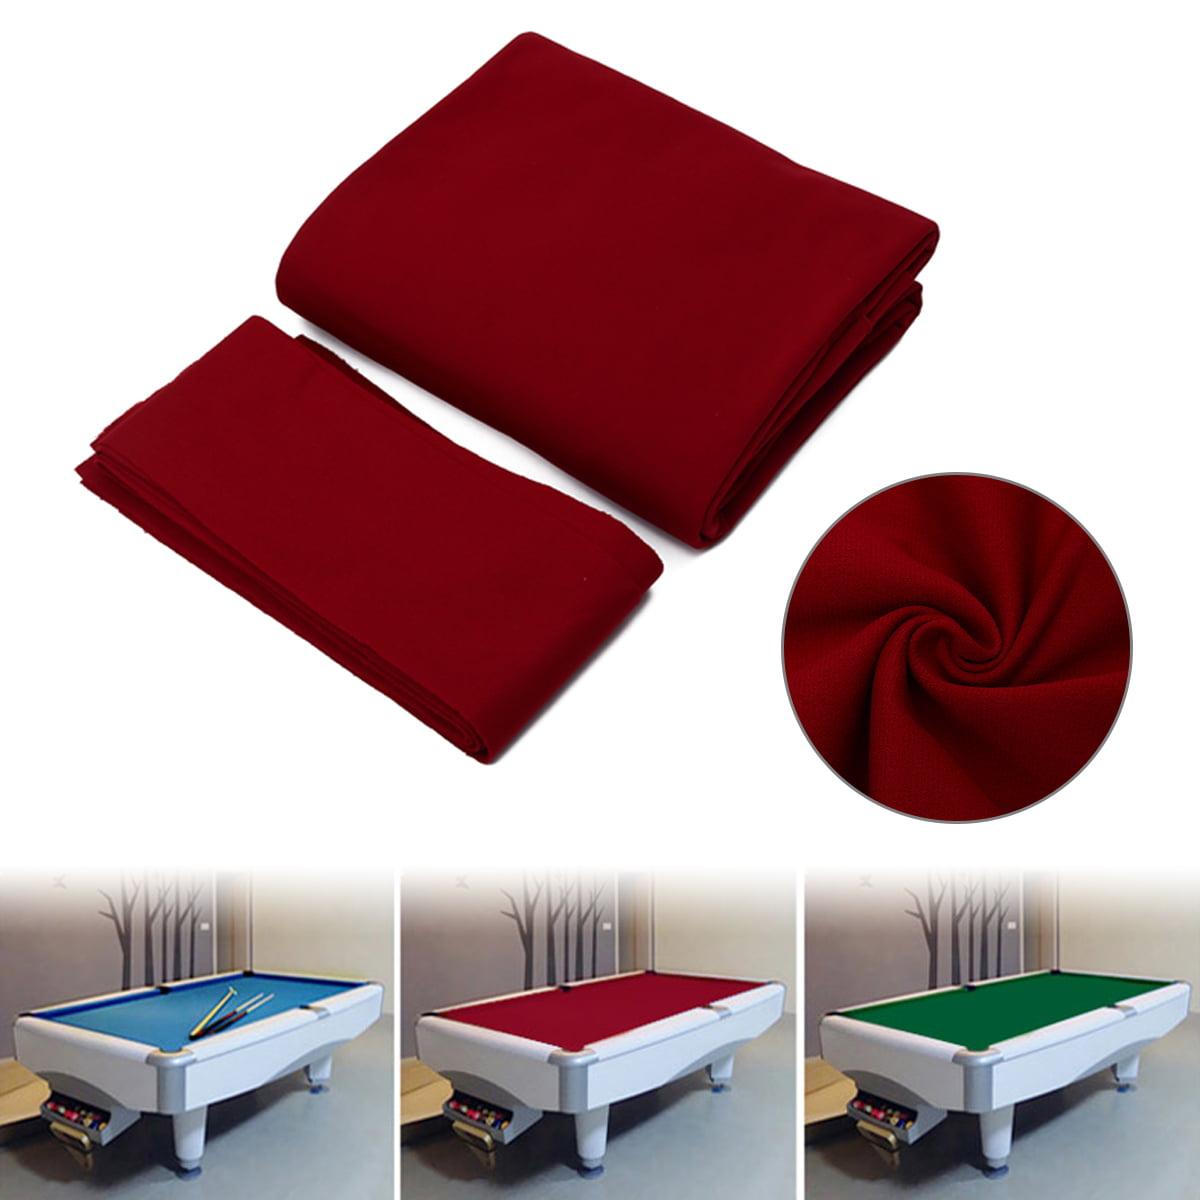 9ft Worsted Billiard Pool Table Cloth Billiard Felt w// Cushion Rail for Clubs